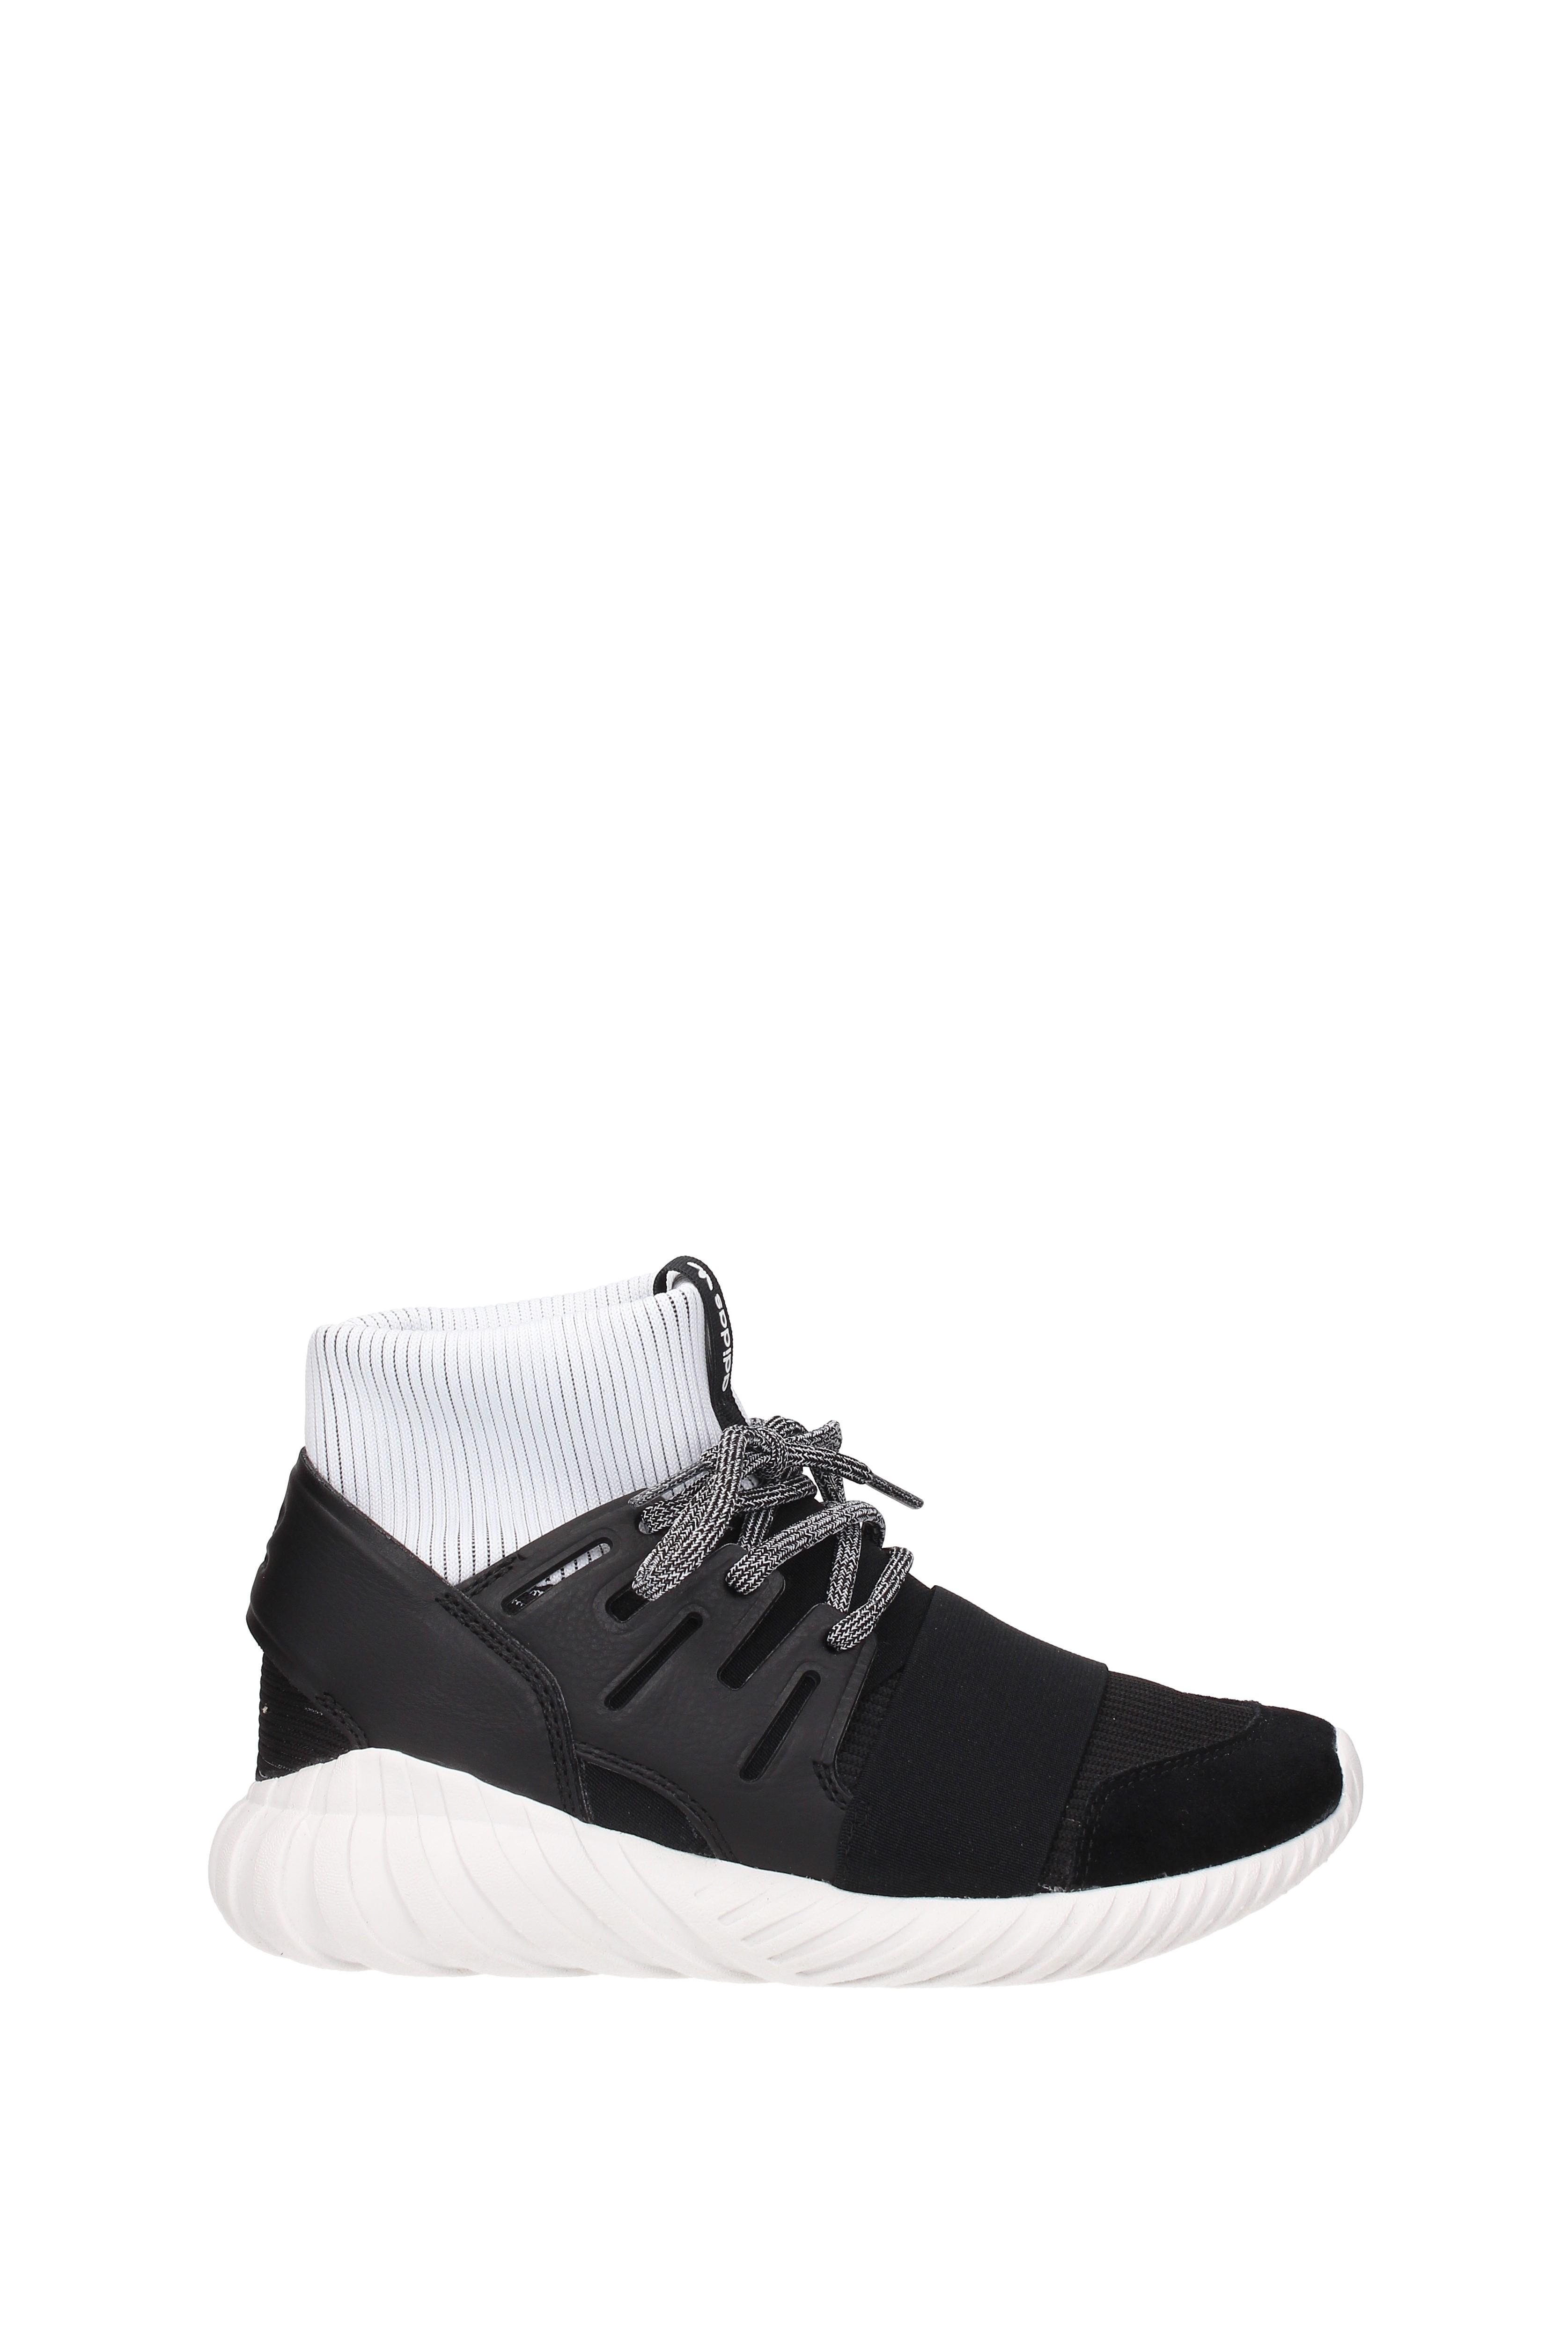 Sneakers-Adidas-tubular-doom-Uomo-Tessuto-BA755